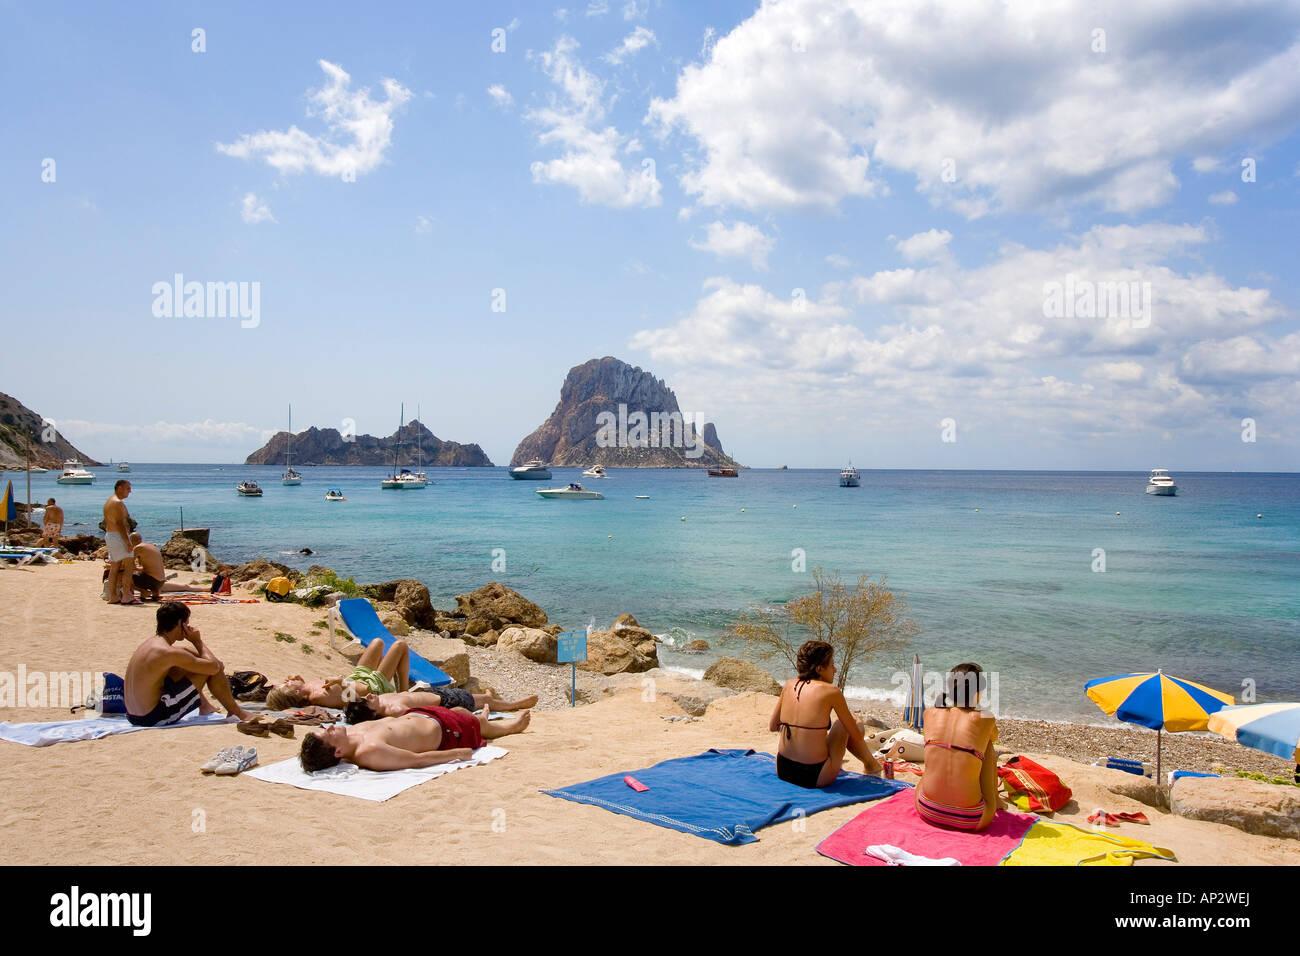 De l'Île Cala d'Hort, Es Vedra, Ibiza, Baléares, Espagne Photo Stock